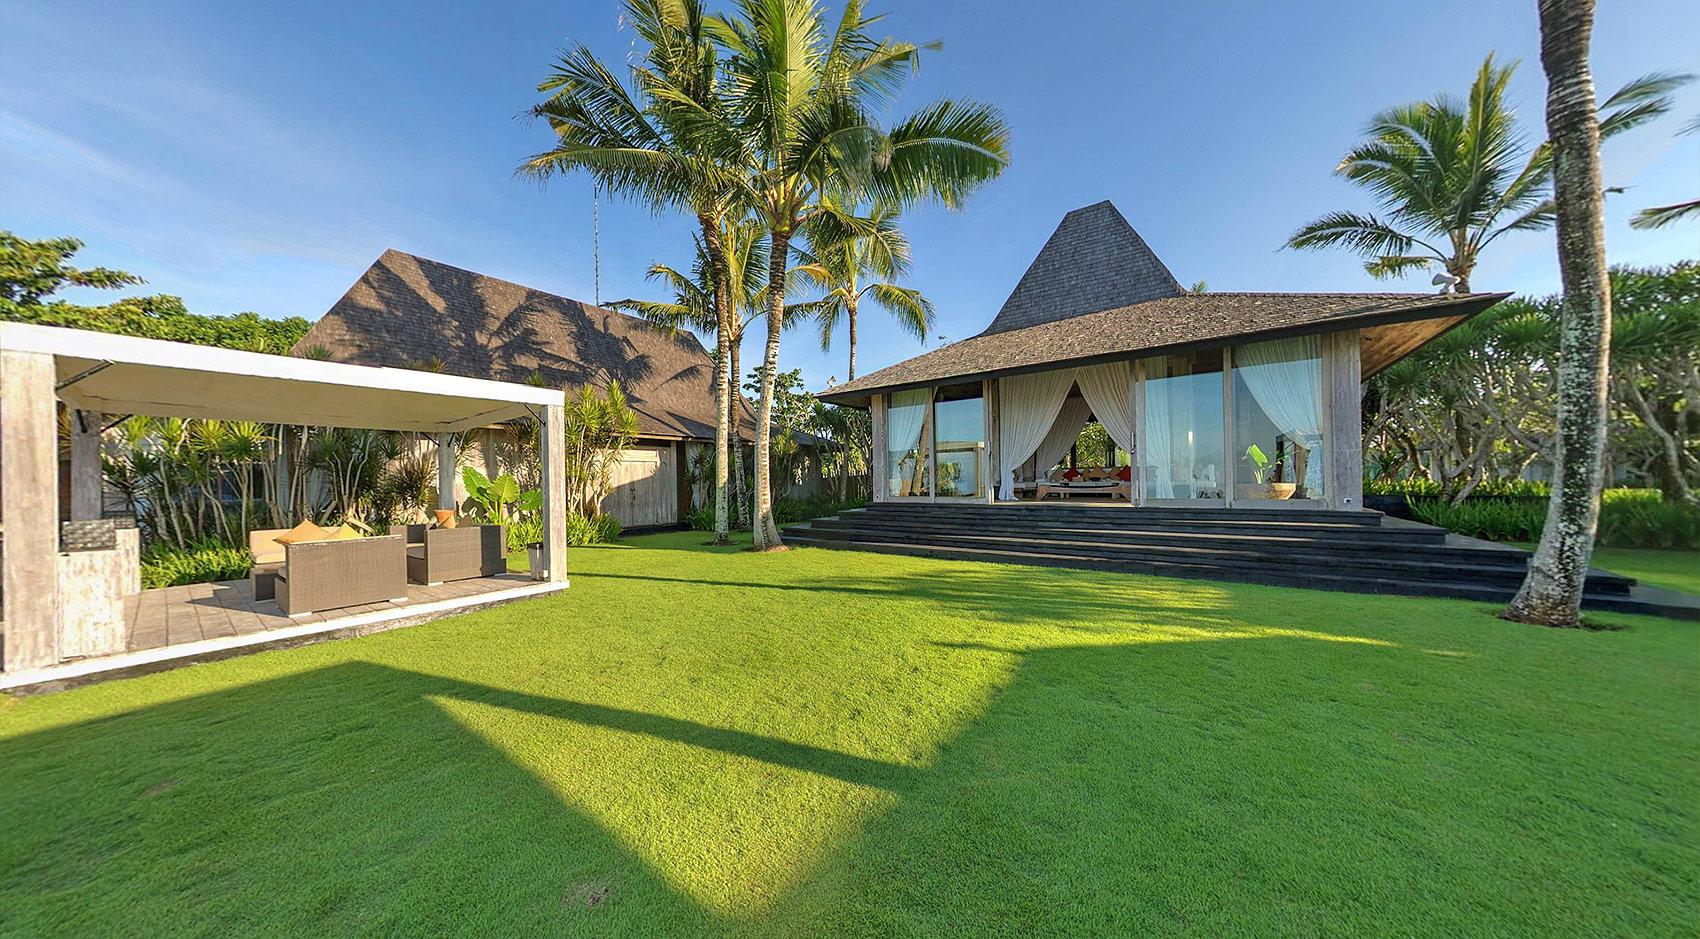 Backyard Villa Khayangan Estate Uluwatu Bali Bali Villas Villas In Bali